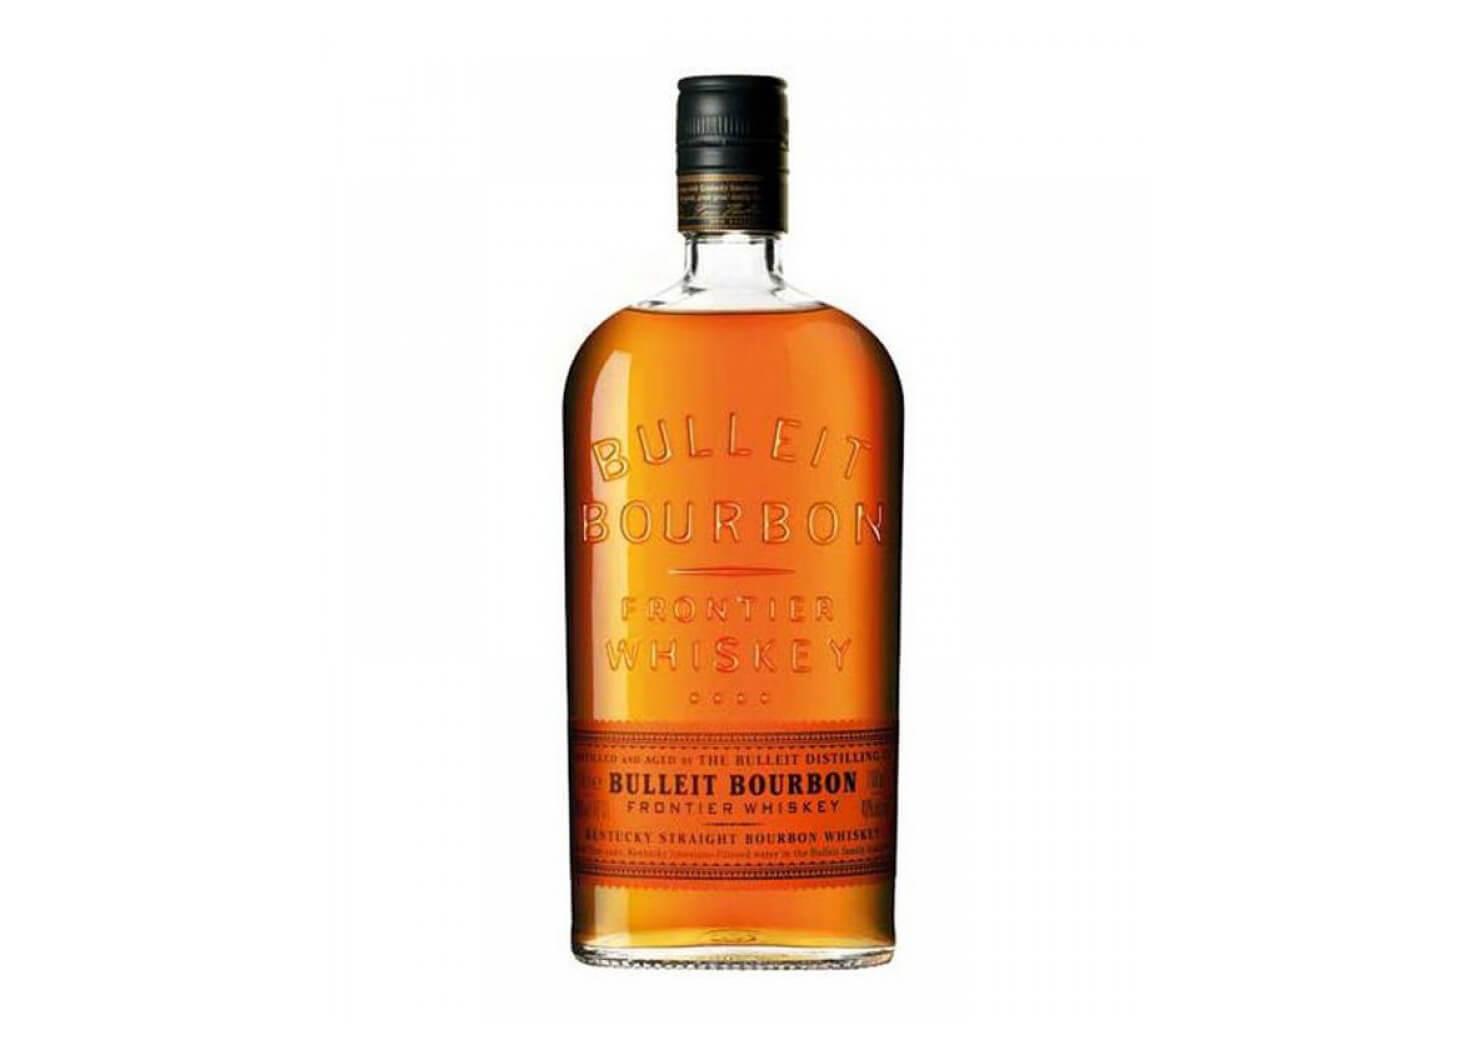 Пробую бурбон bulleit - для тех кто любит покрепче   мир виски   яндекс дзен